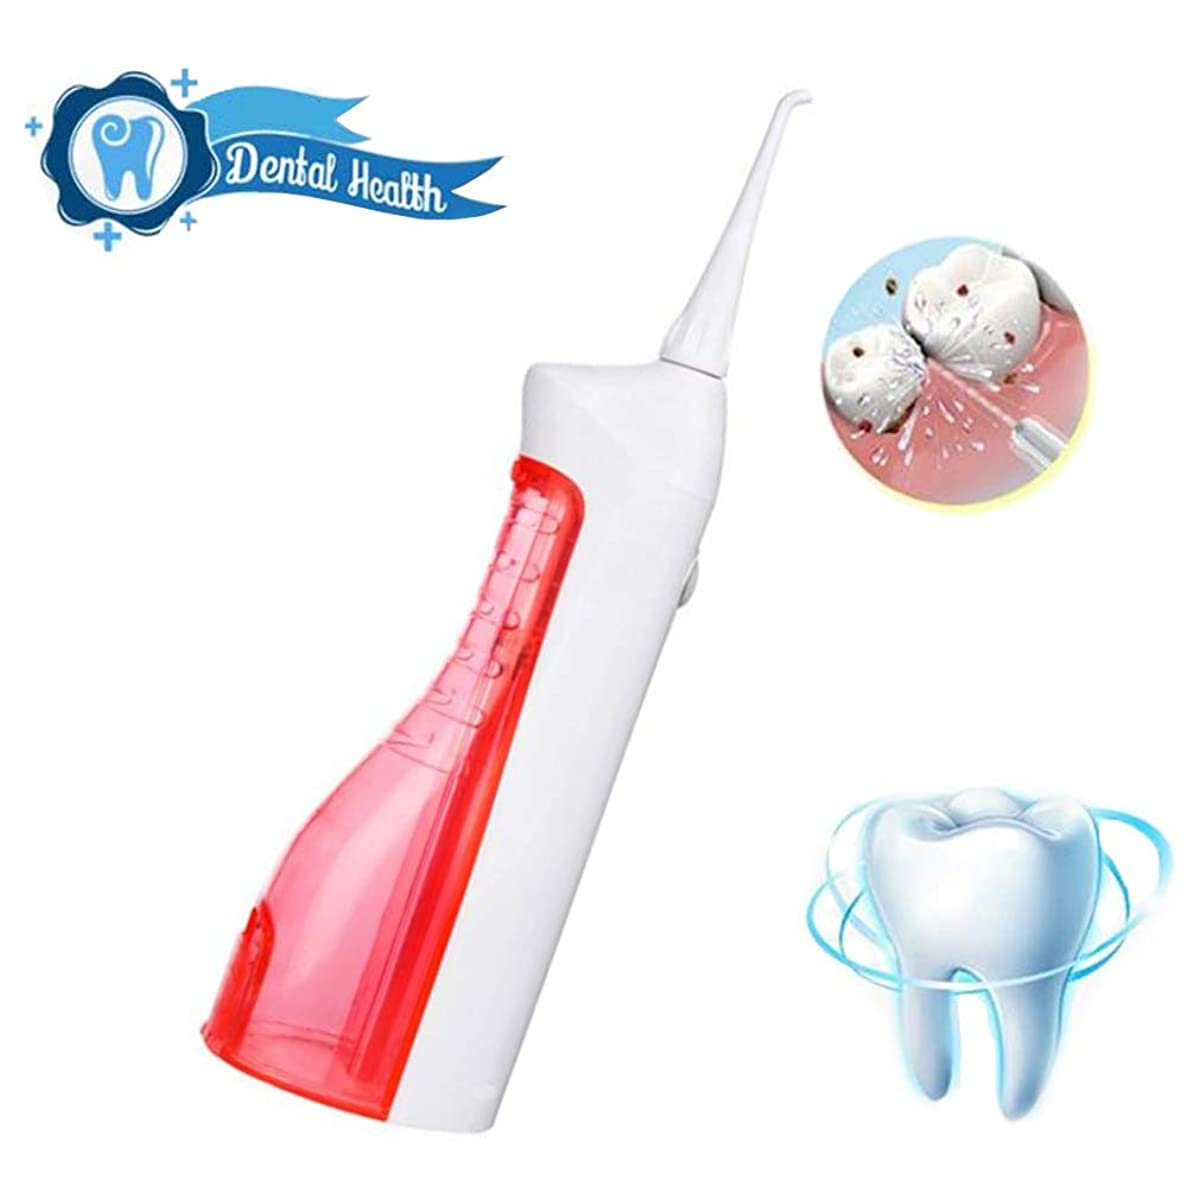 オリエンタルくるくるボス歯のためのウォーターフロッサー、ポータブルプロフェッショナルコードレス歯科口腔灌漑器(150mlタンク、2本のジェットチップ付き)歯磨き粉用クリーナー、2つのクリーニングモード、USB充電式、IPX7